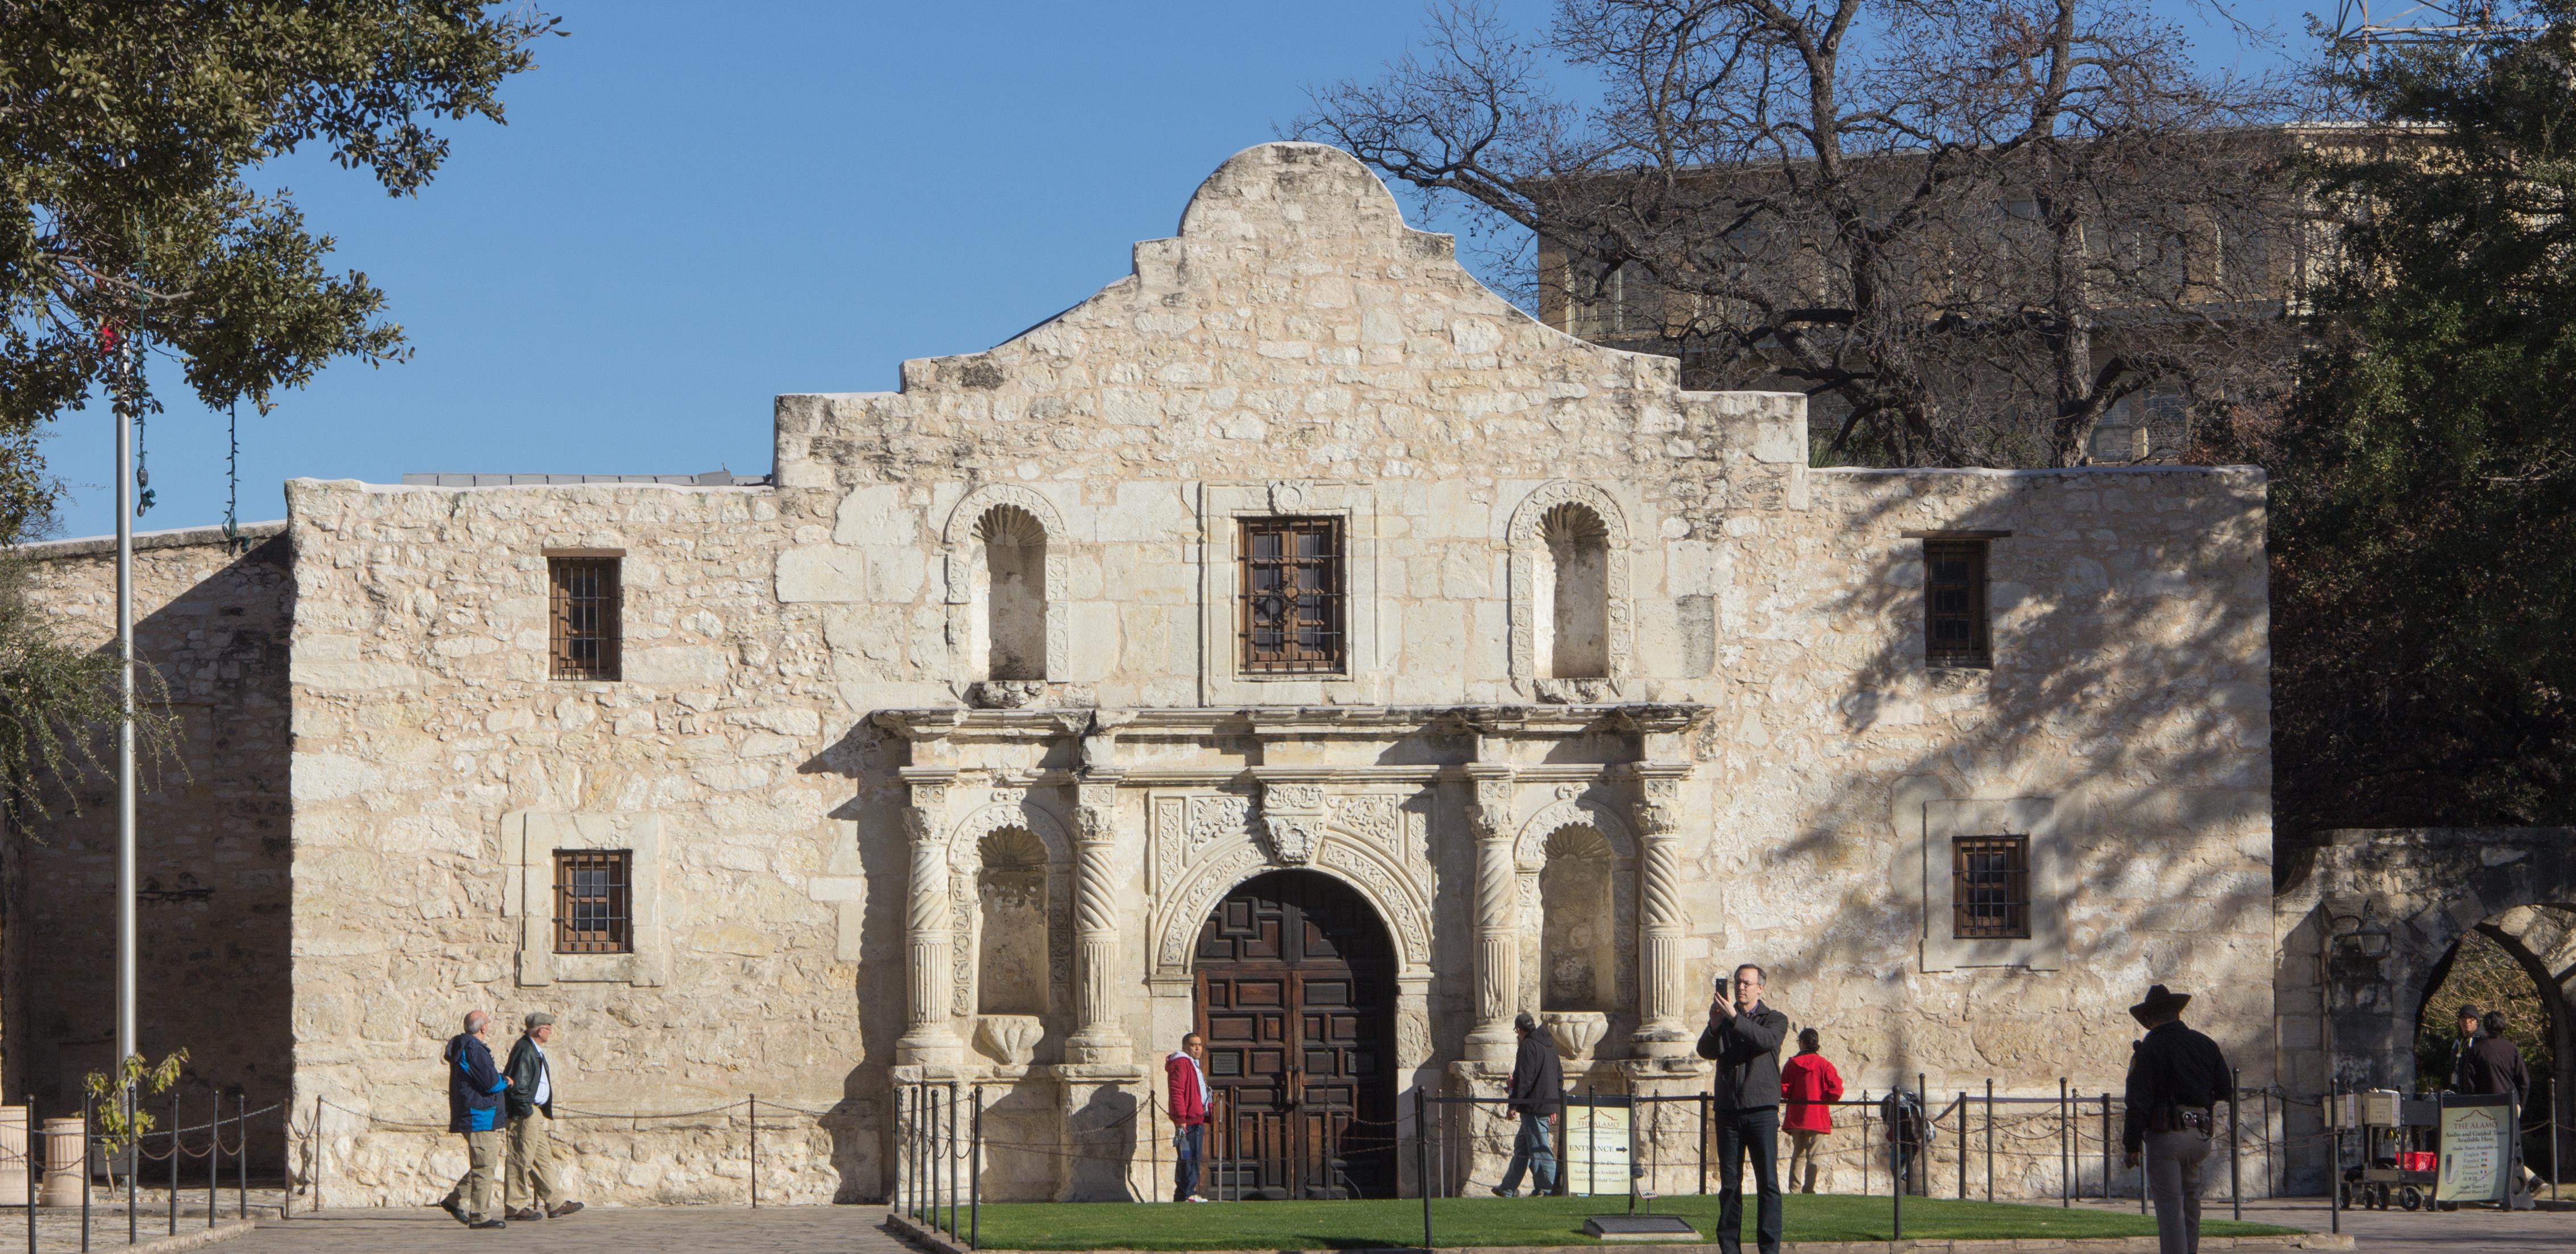 Royalty Free Photos Of Downtown San Antonio Texas